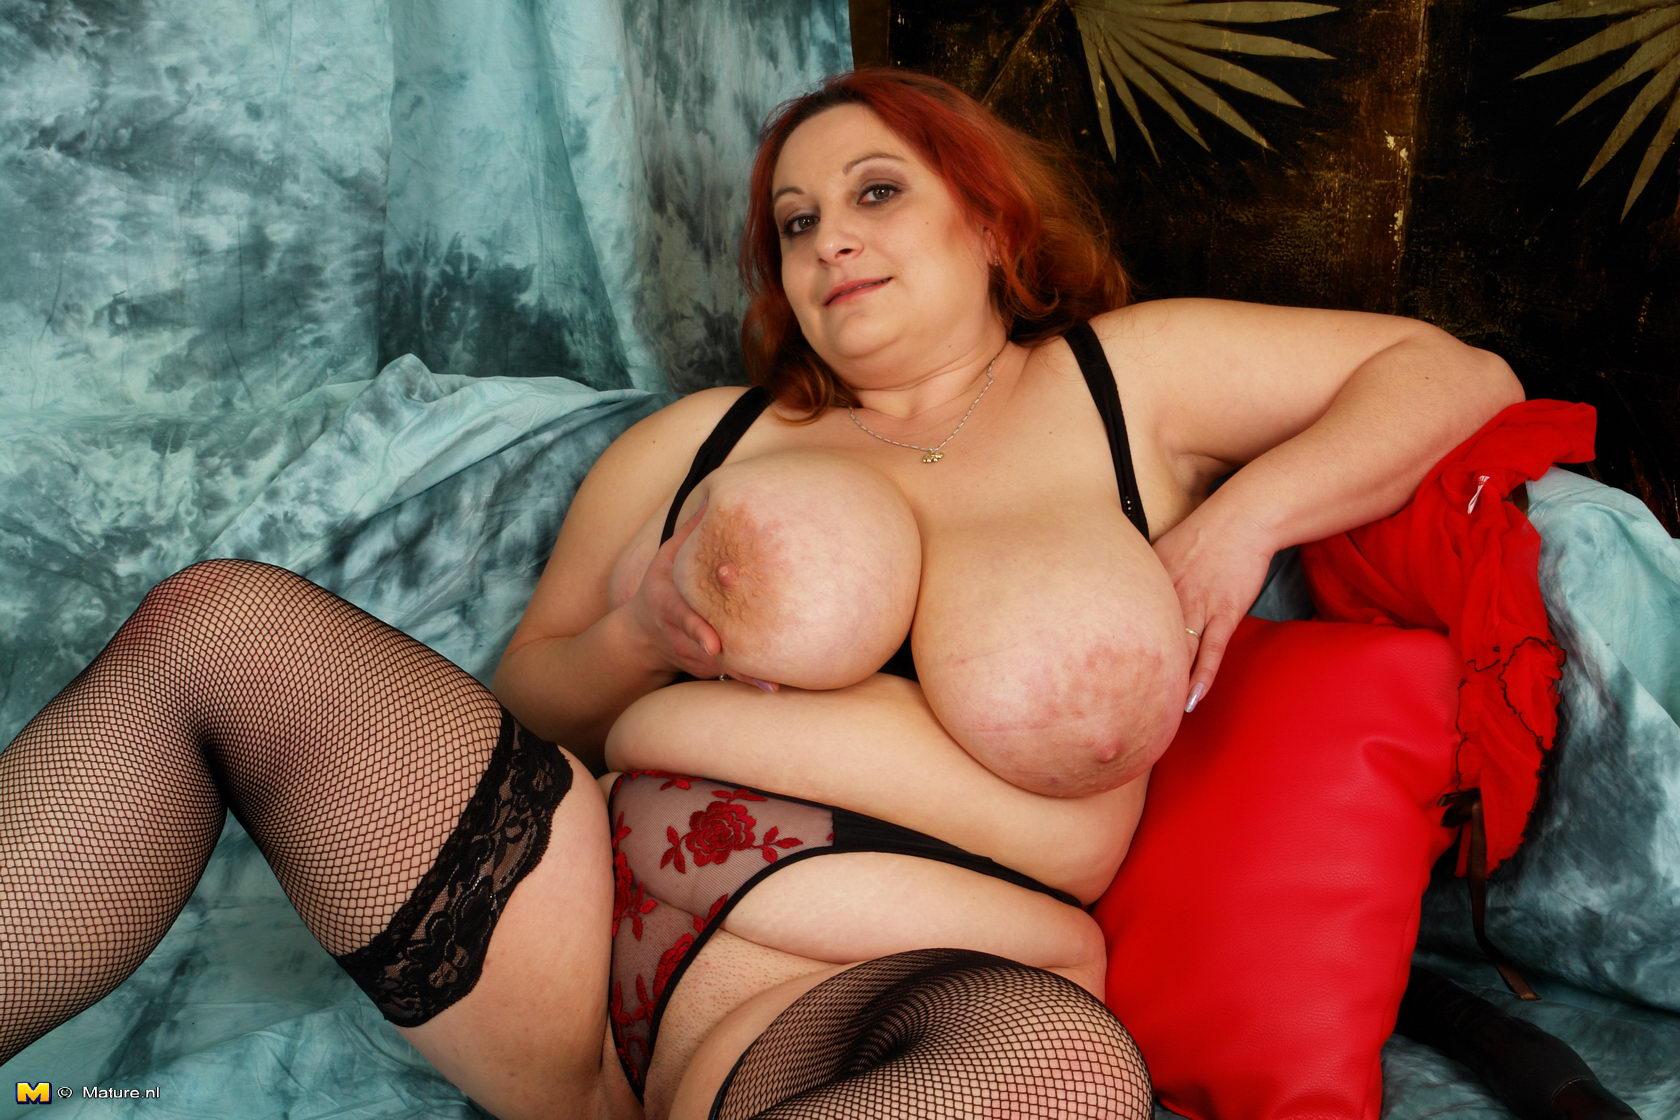 Толстая женщина с огромной грудью, Большие сиськи зрелых тёток на Секс Зима 3 фотография